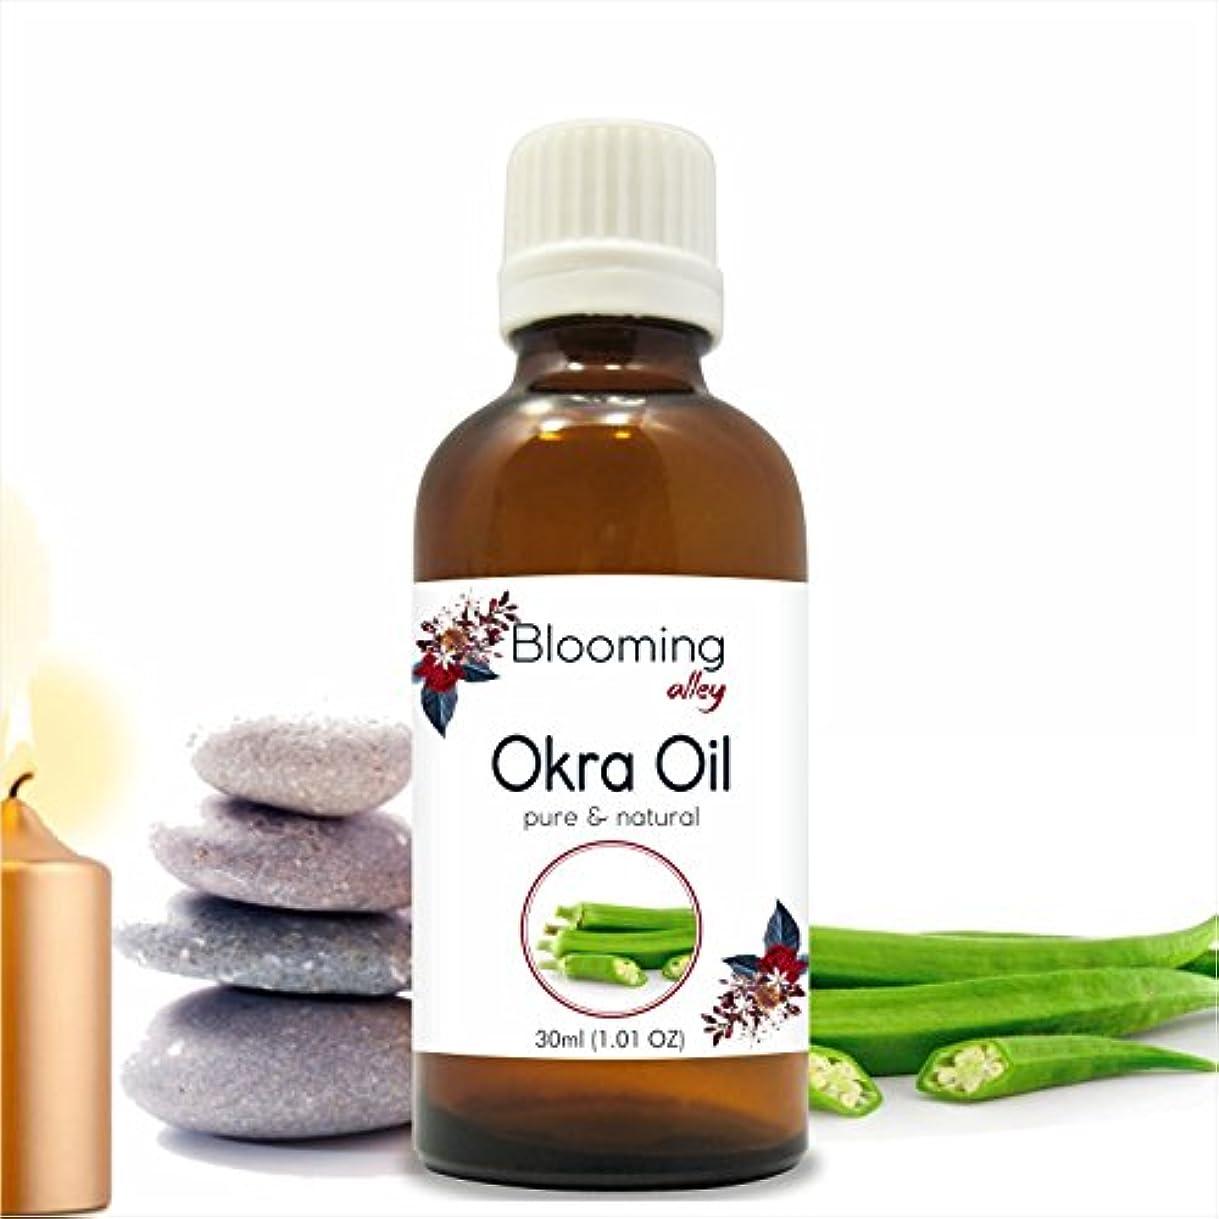 受取人メンバービリーOkra Oil(Abelmoschus Esculentus) Essential Oil 30 ml or 1.0 Fl Oz by Blooming Alley